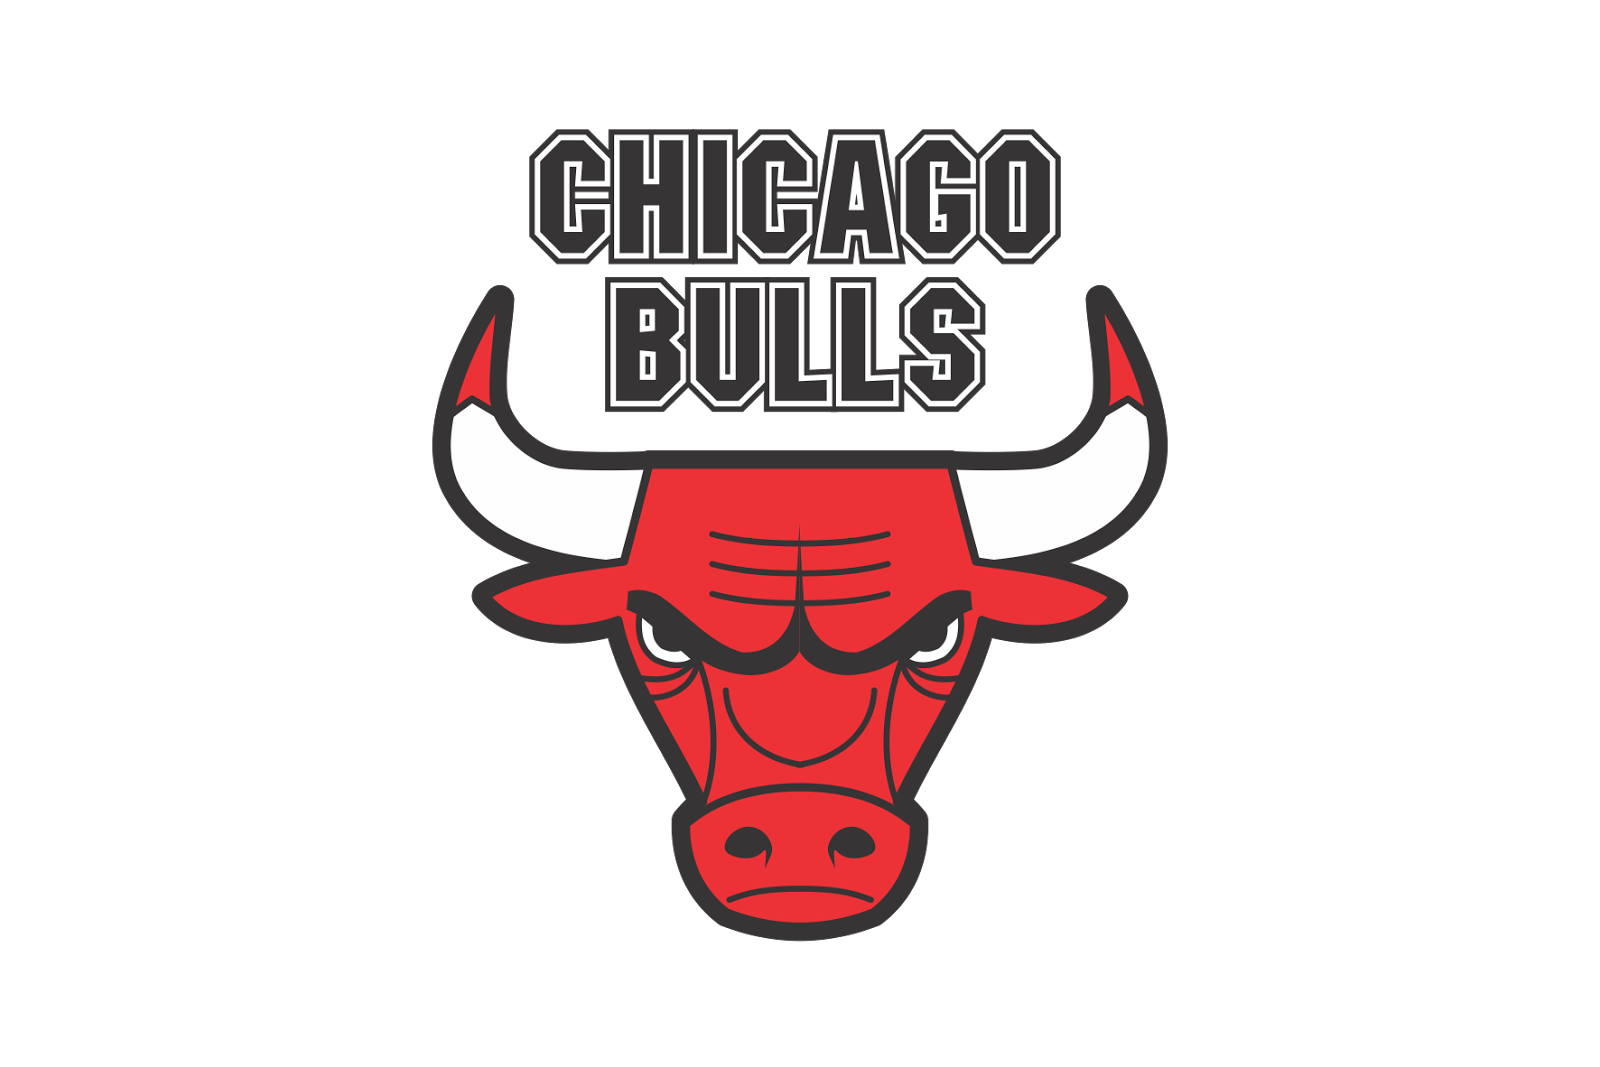 Red Bull clipart chicago bulls #11